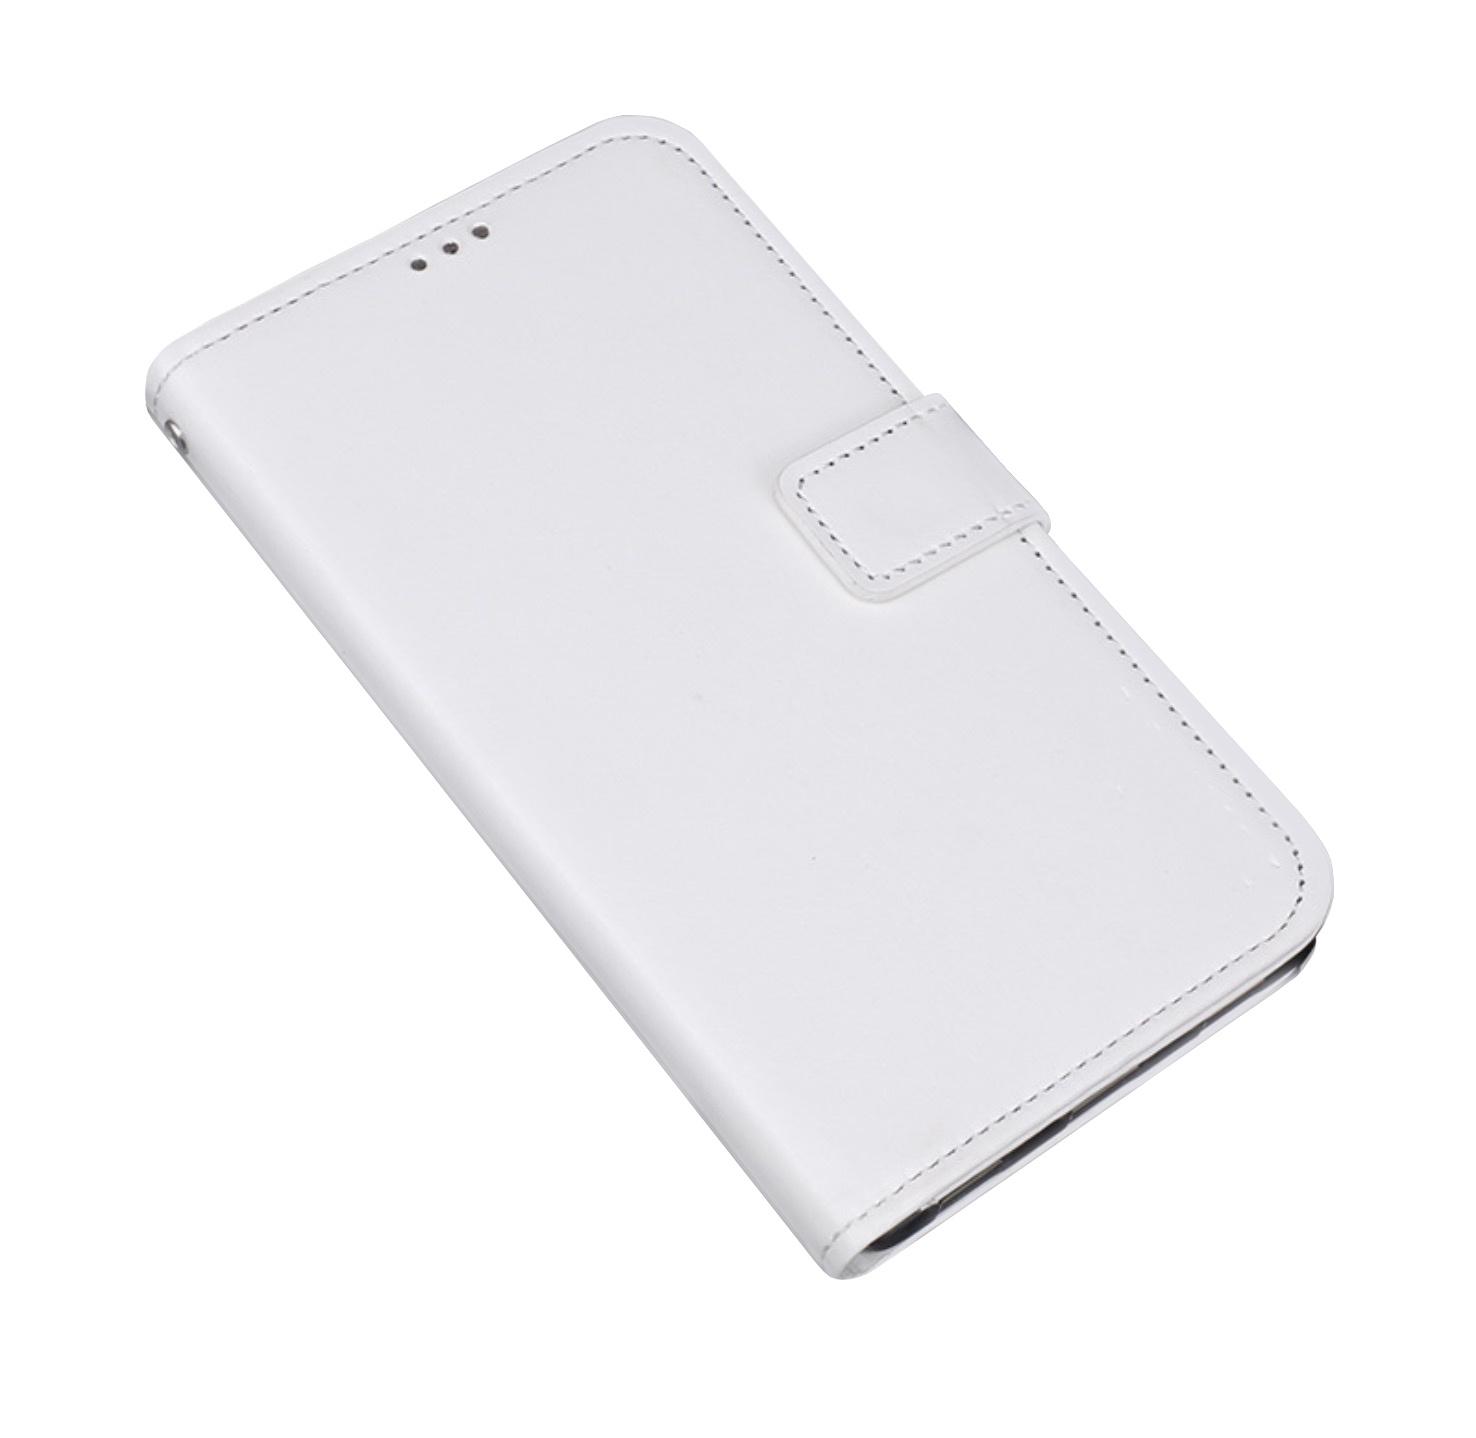 Фирменный чехол-книжка из качественной импортной кожи с мульти-подставкой застёжкой и визитницей для Samsung Galaxy J5 Prime/ Samsung Galaxy On5 2016 белый MyPads